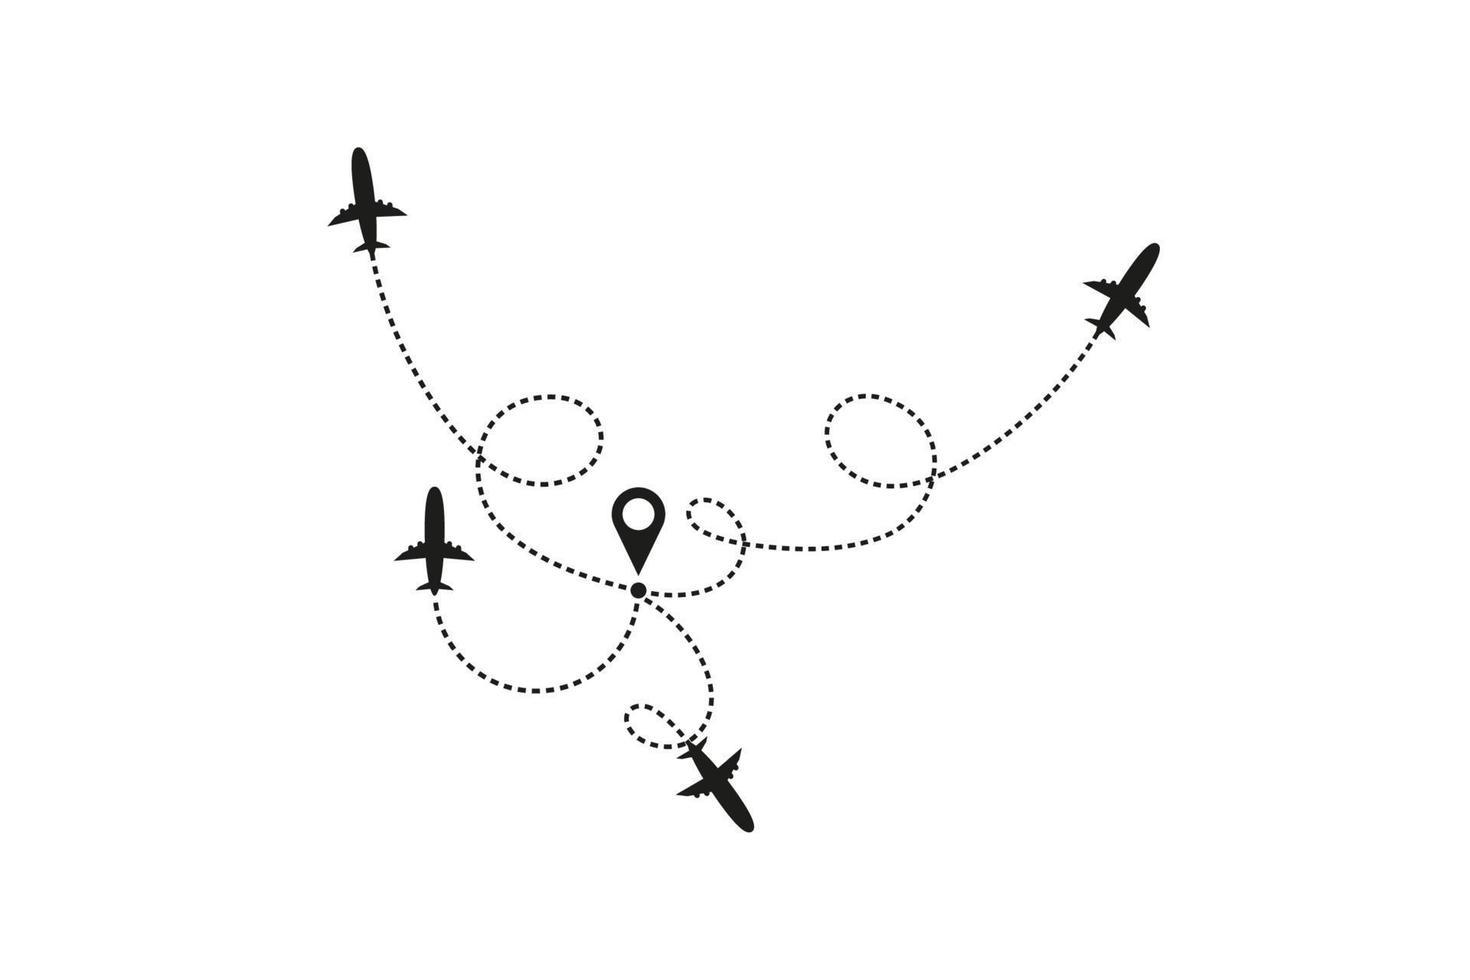 turism och resekoncept. flygplan linje bana på vit bakgrund. vektor ikon för flygplanets flygväg med strecklinjespårning, startpunkt och överföringspunkt. vektor illustration